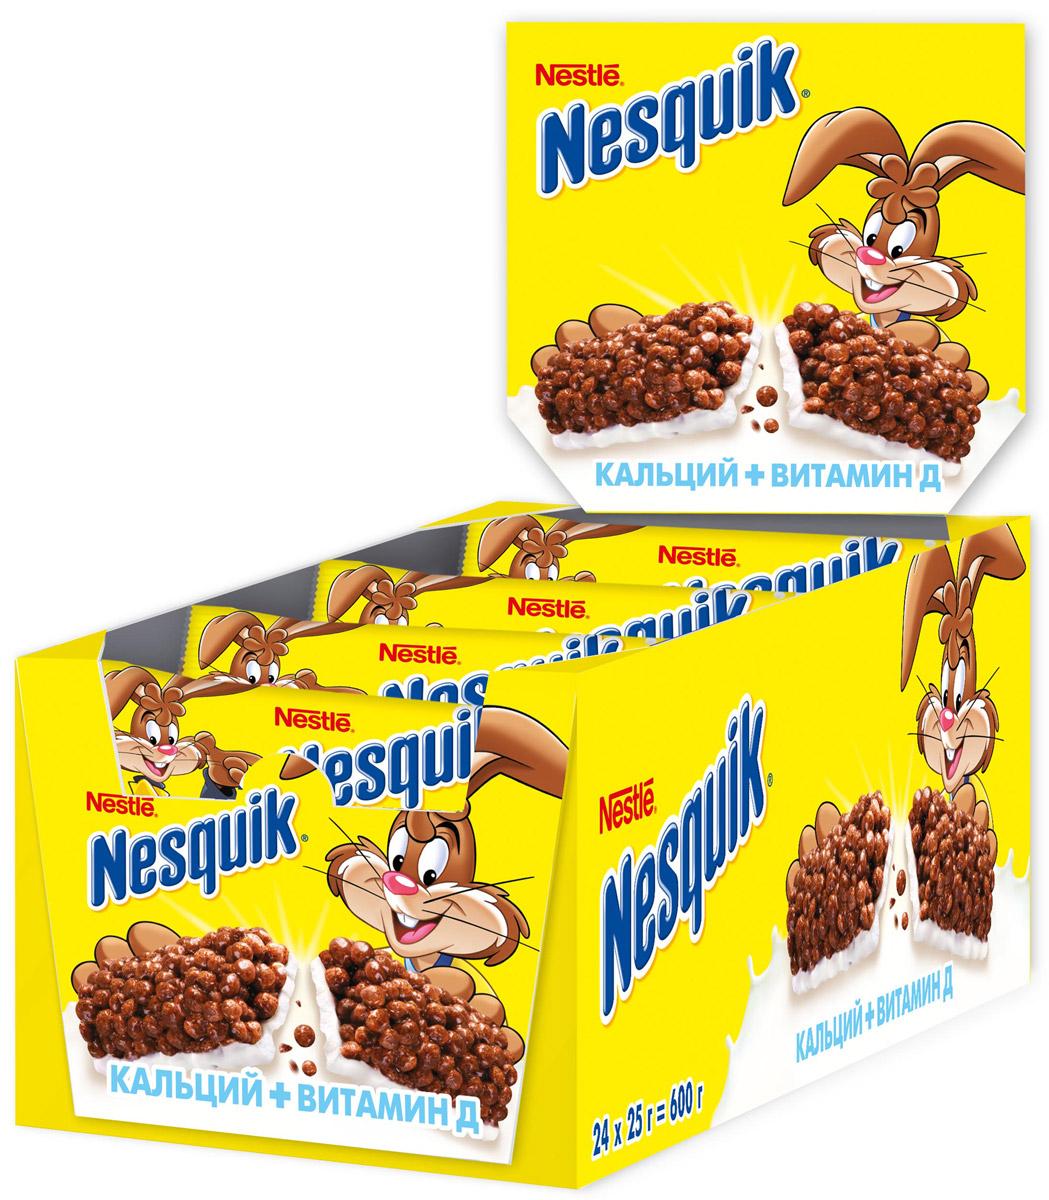 Nestle Nesquik Шоколадный батончик с цельными злаками, 24 шт по 25 г12251584Шоколадный батончик Nestle Nesquik (Нестле Несквик) с цельными злаками - полезный и удобный перекус для вашего ребенка! Батончик Nesquik поможет ему подзарядиться энергией в школе и дома.Содержит цельные злаки и обогащены витаминами D, B2, B6, ниацином, фолиевой кислотой, пантотеновой кислотой, кальцием и железом. Сложные углеводы, содержащиеся в цельных злаках перевариваются медленнее и позволяют сохранять чувство сытости дольше. Продукт может содержать незначительно количество сои и орехов.